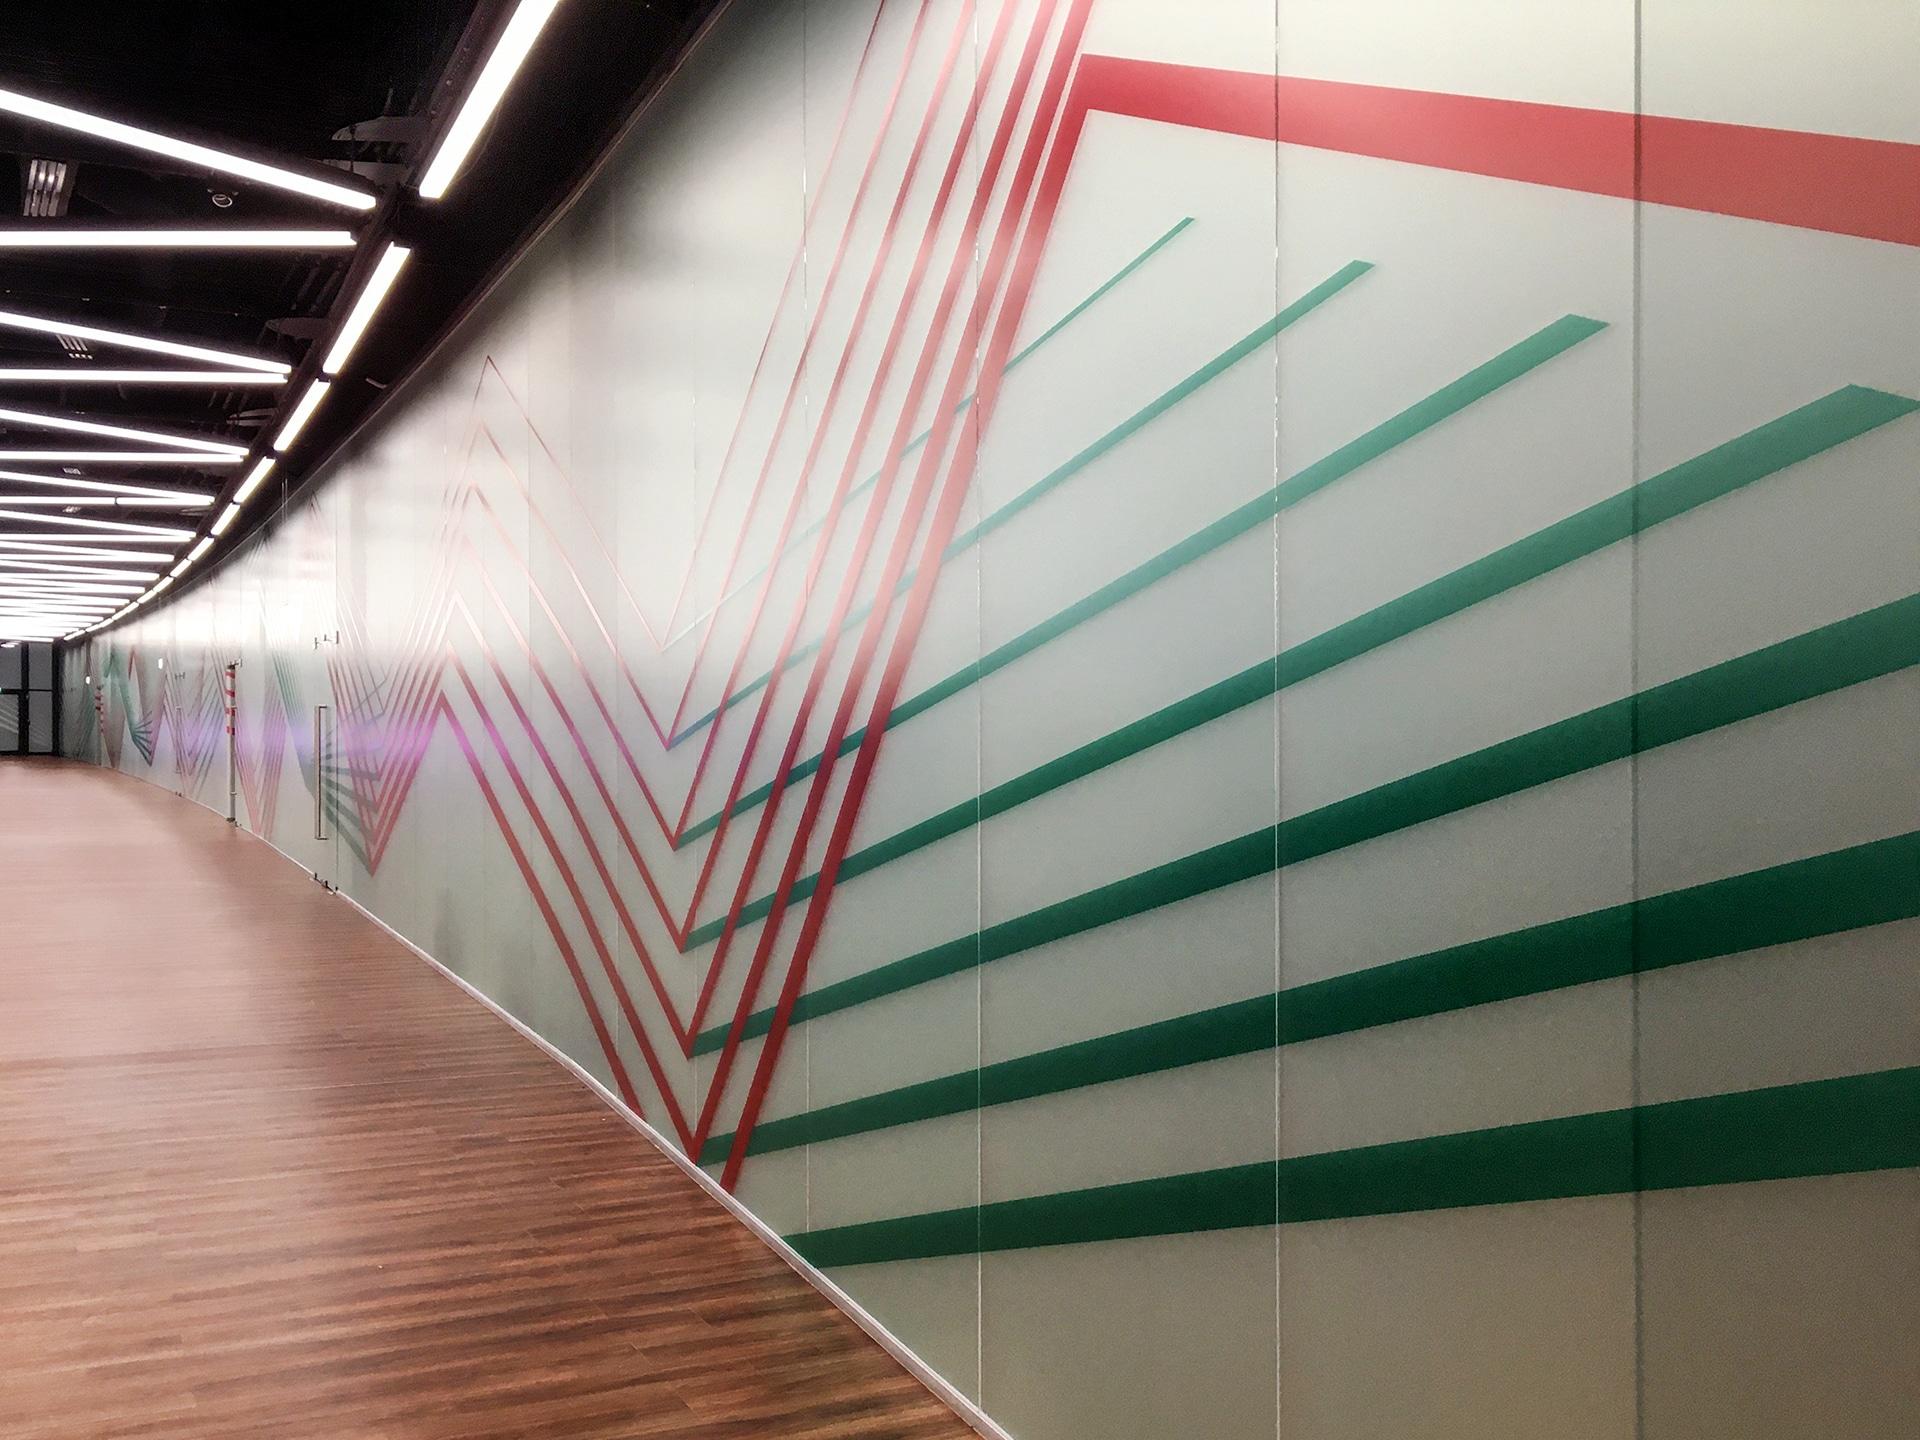 Több tíz méter hosszan futó fehér plexi elválasztófal a Puskás Arénában, amin vörös és zöld absztrakt díszítősávok futnak végig.